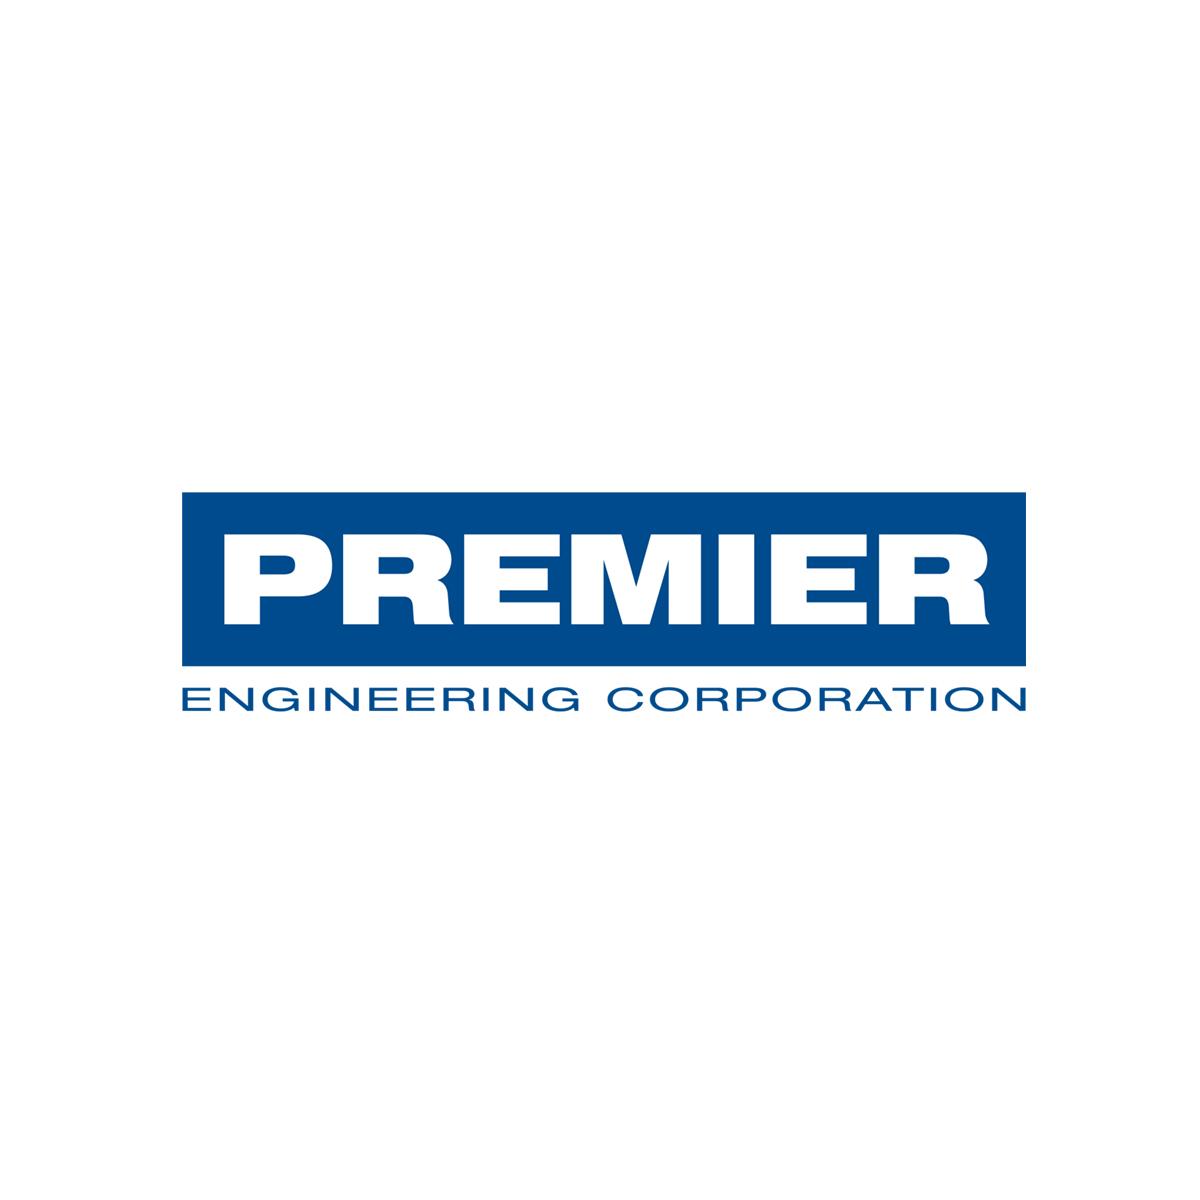 Premier Engineering logo.jpg